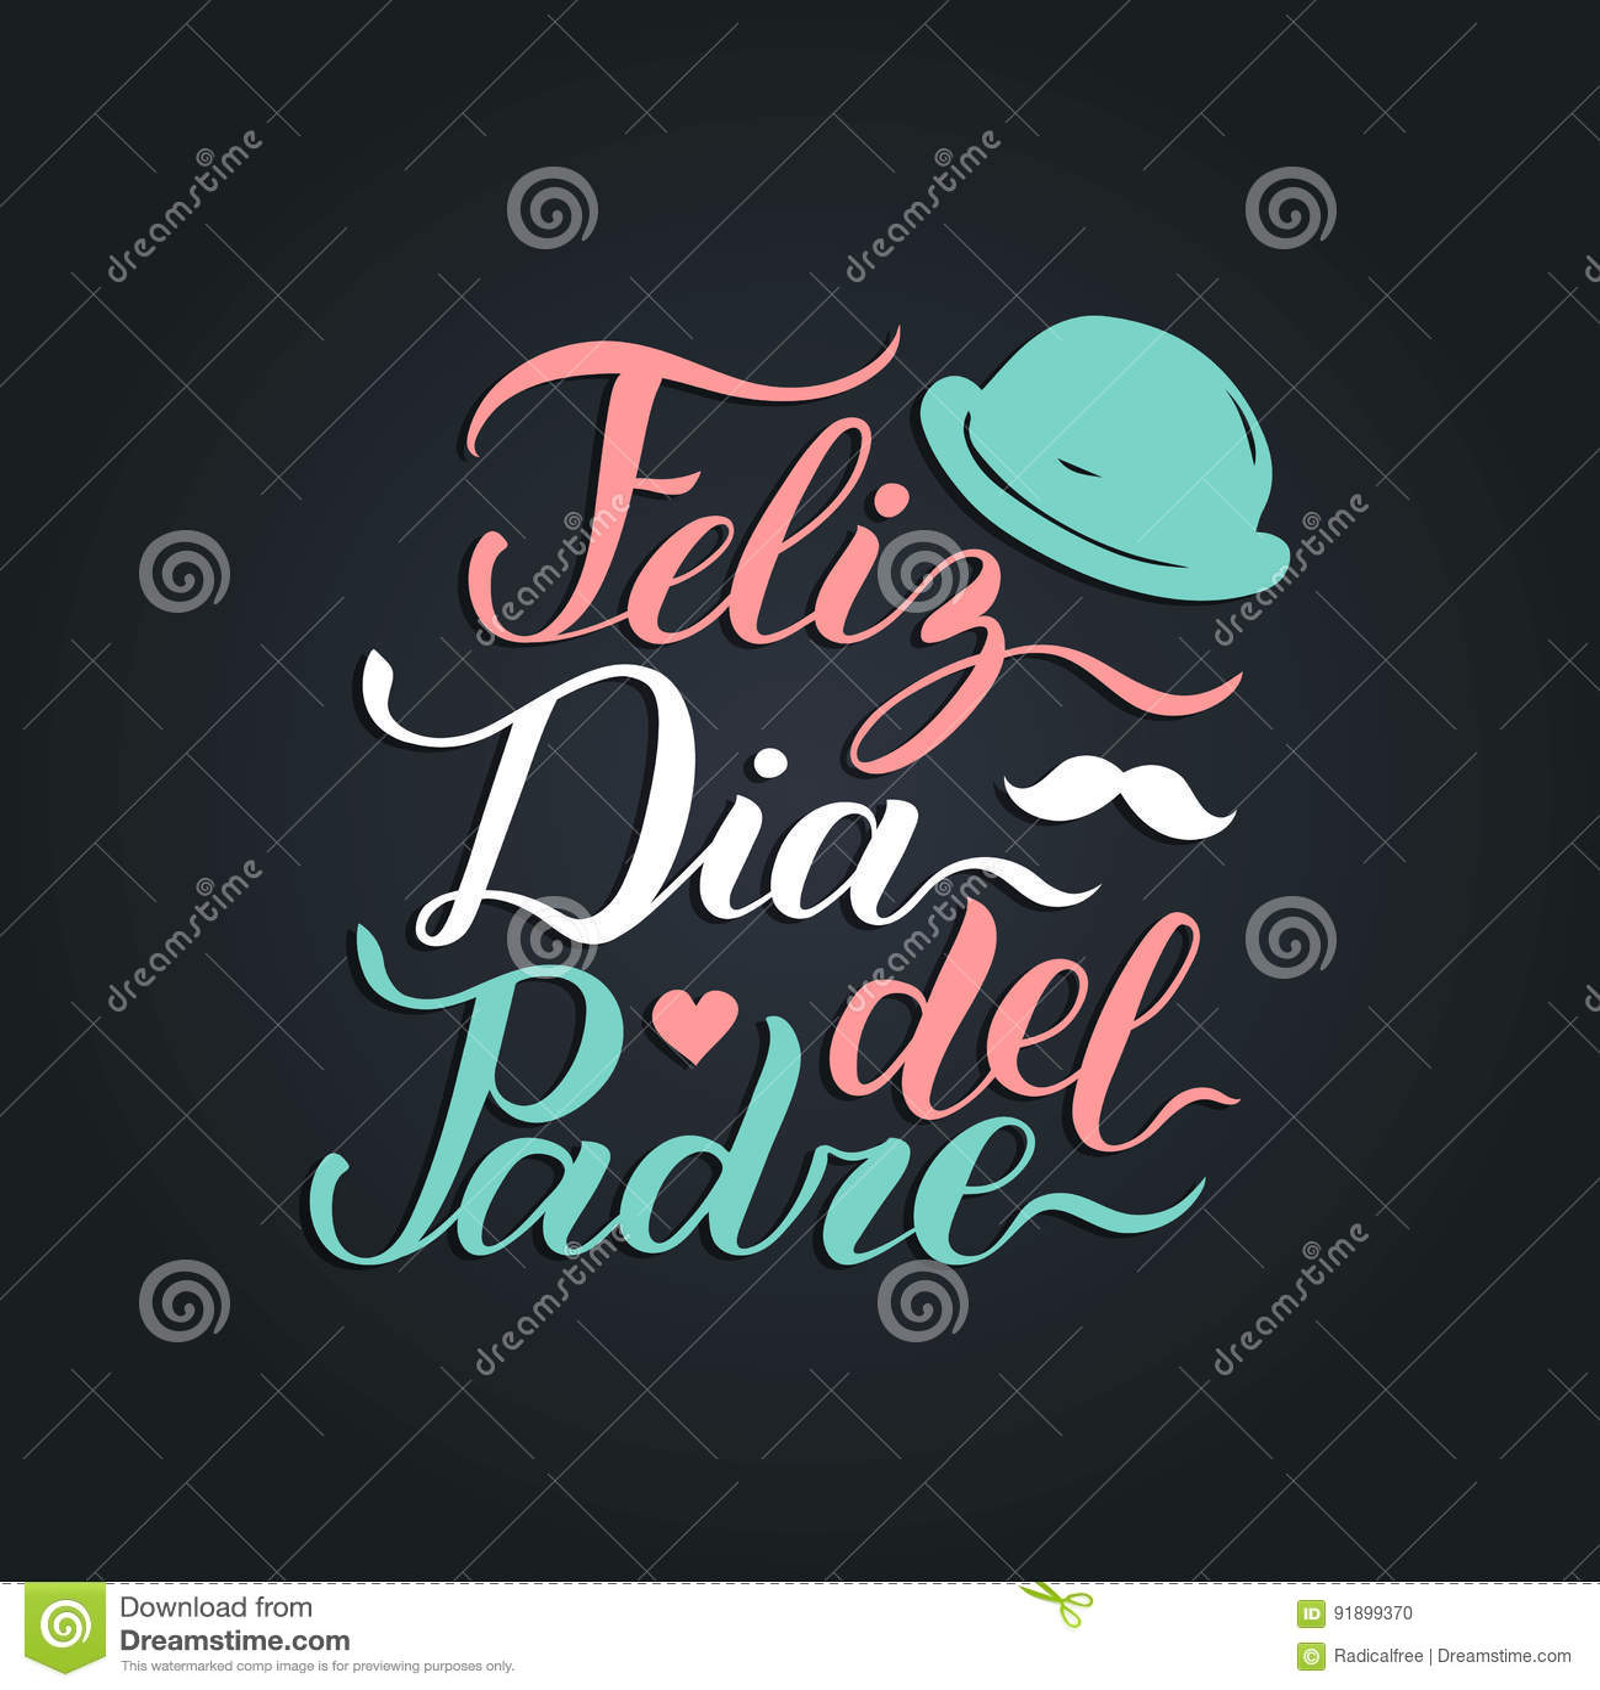 Vectorkalligrafie Feliz Dia Del Padre, vertaalde Gelukkige Vadersdag voor groetkaart, feestelijke affiche enz.